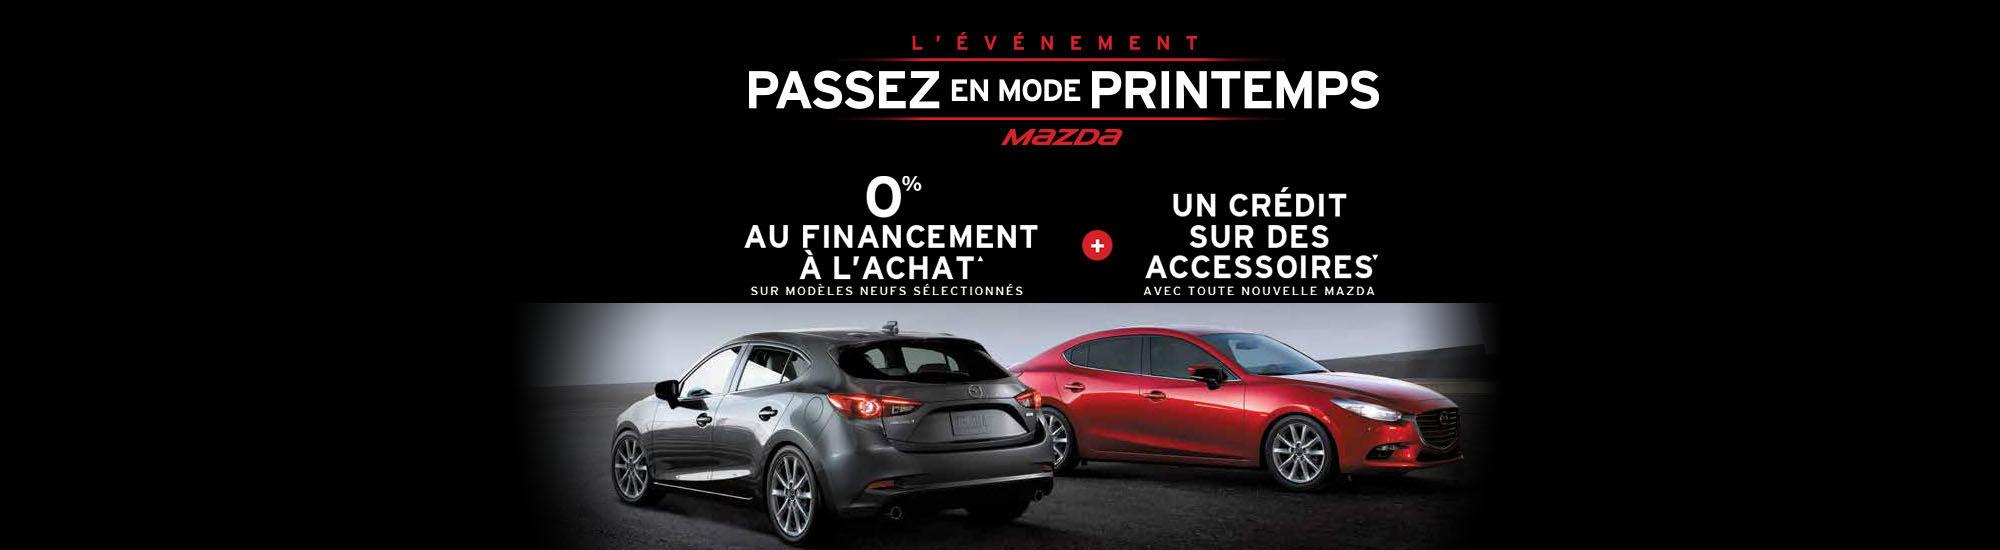 L'événement passer en mode printemps Mazda